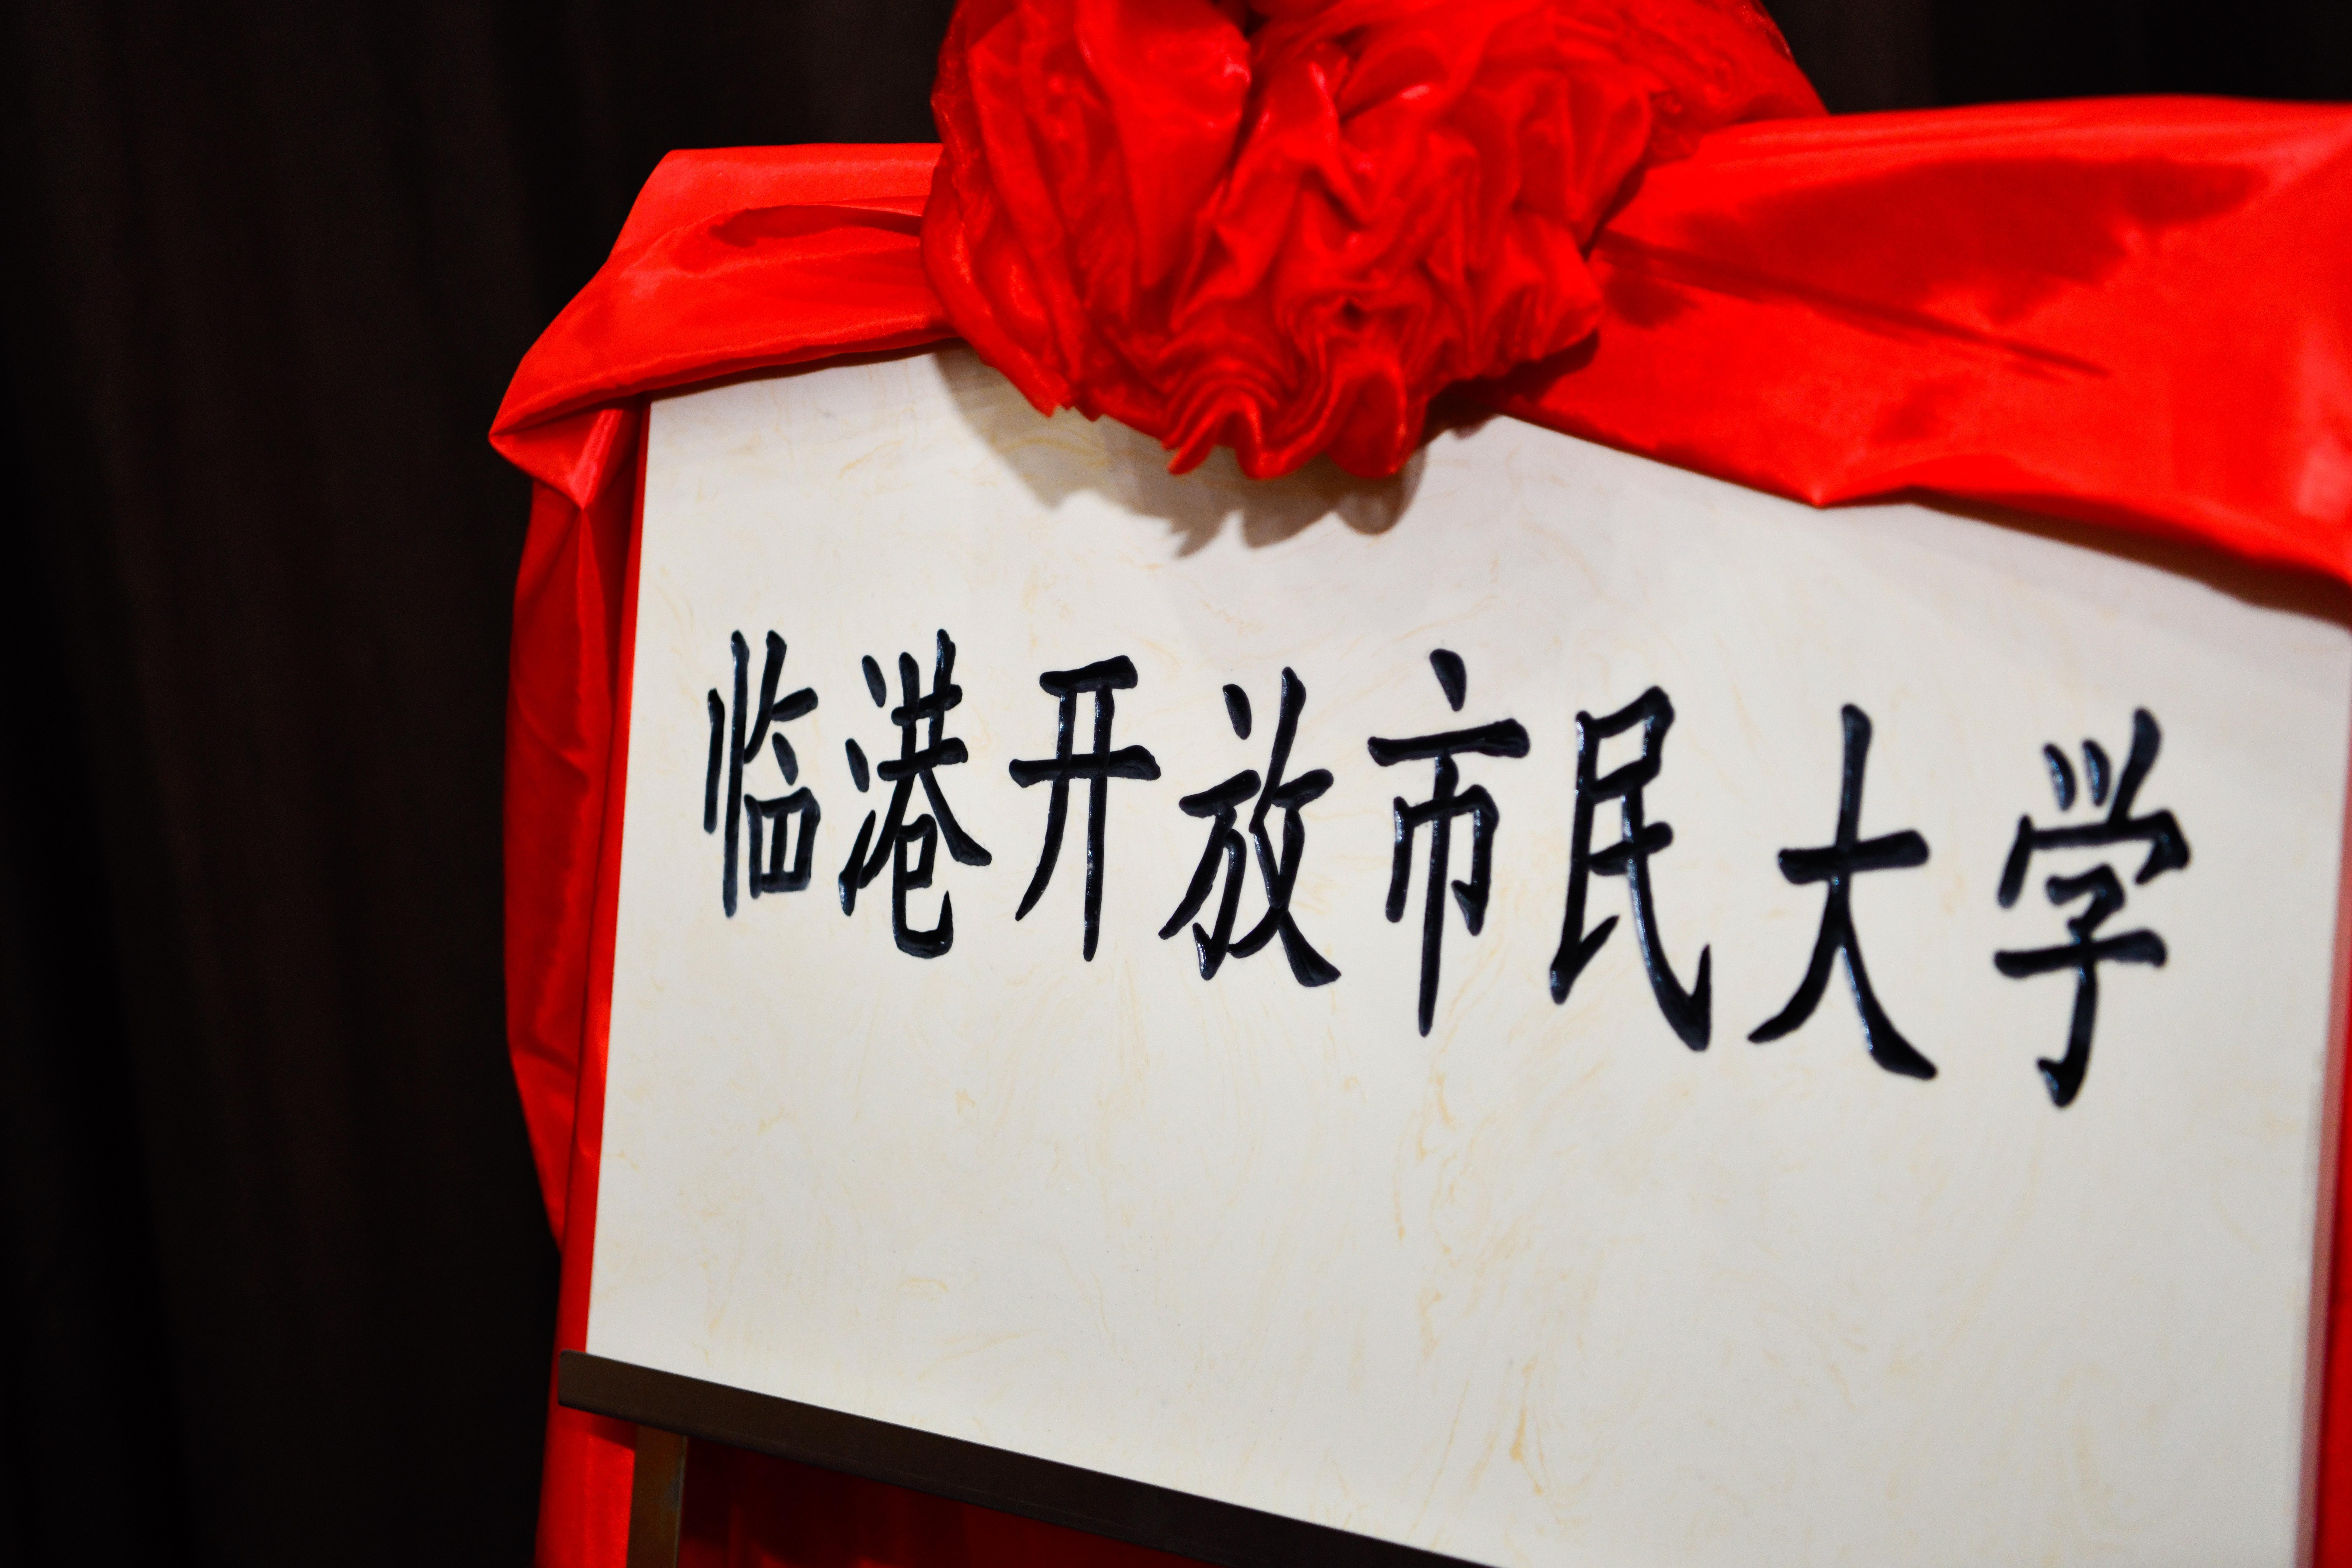 临港开放市民大学今天成立啦!